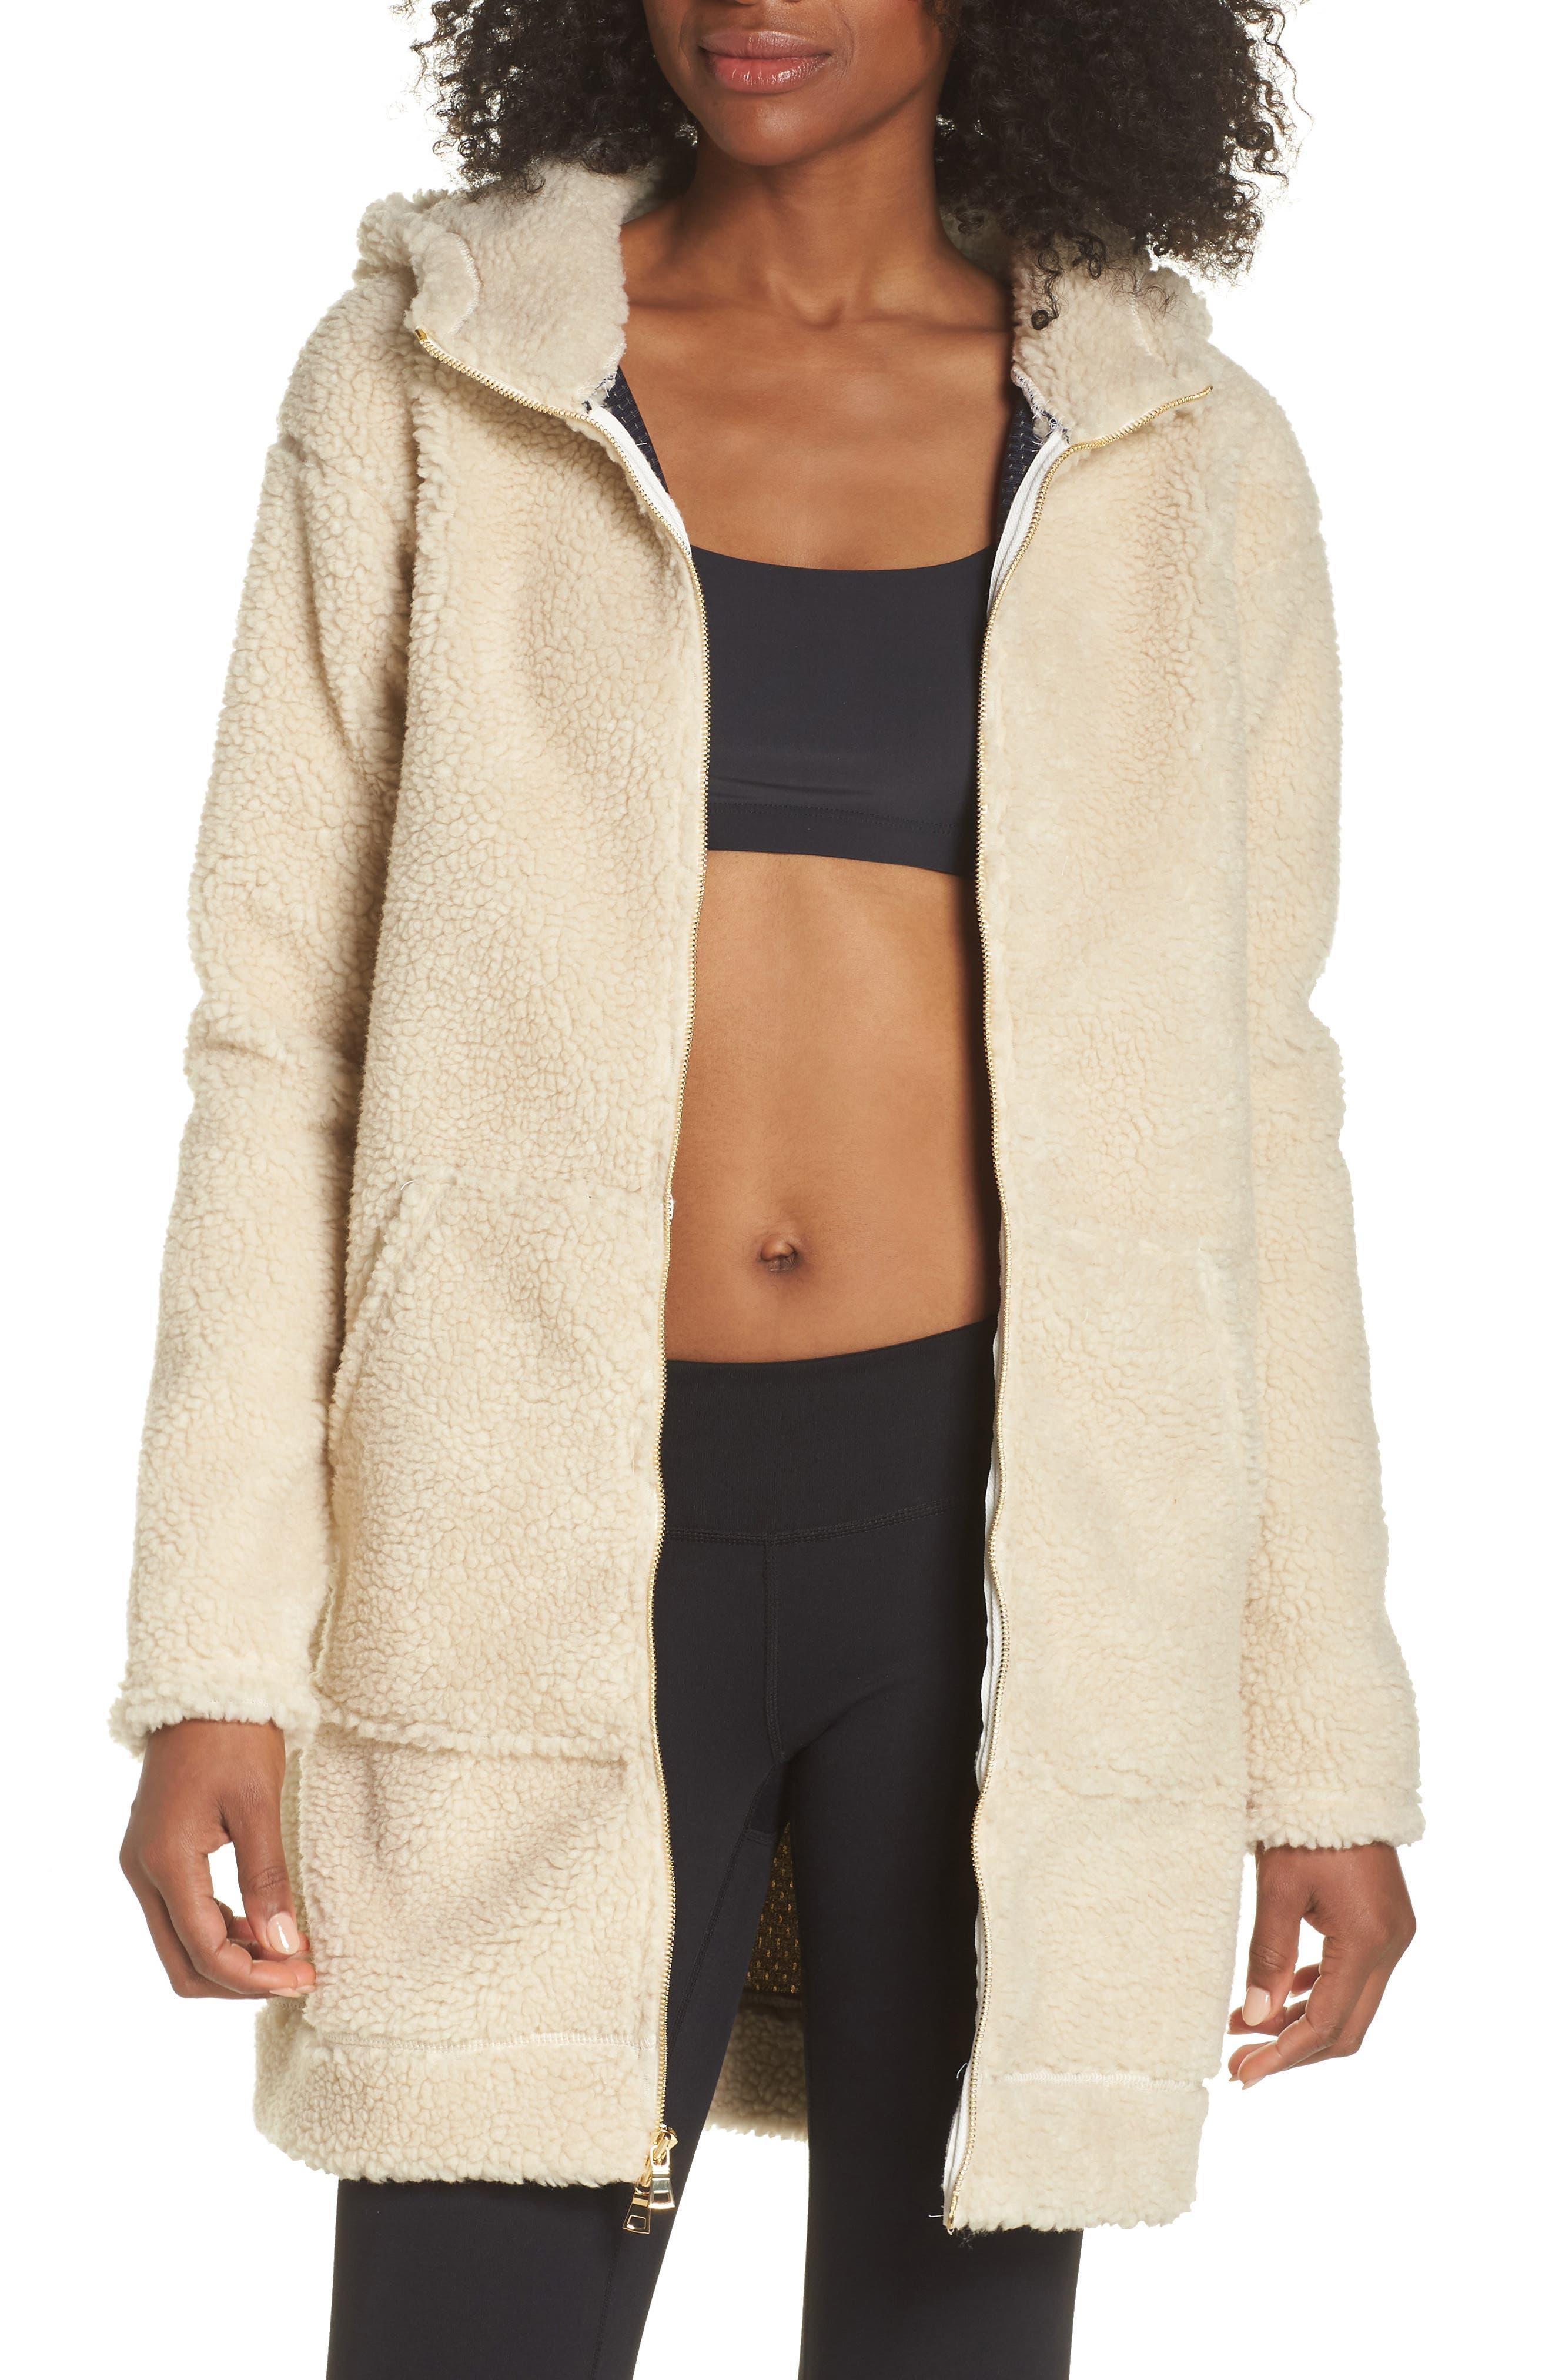 Brea Fleece Jacket,                             Main thumbnail 1, color,                             Natural